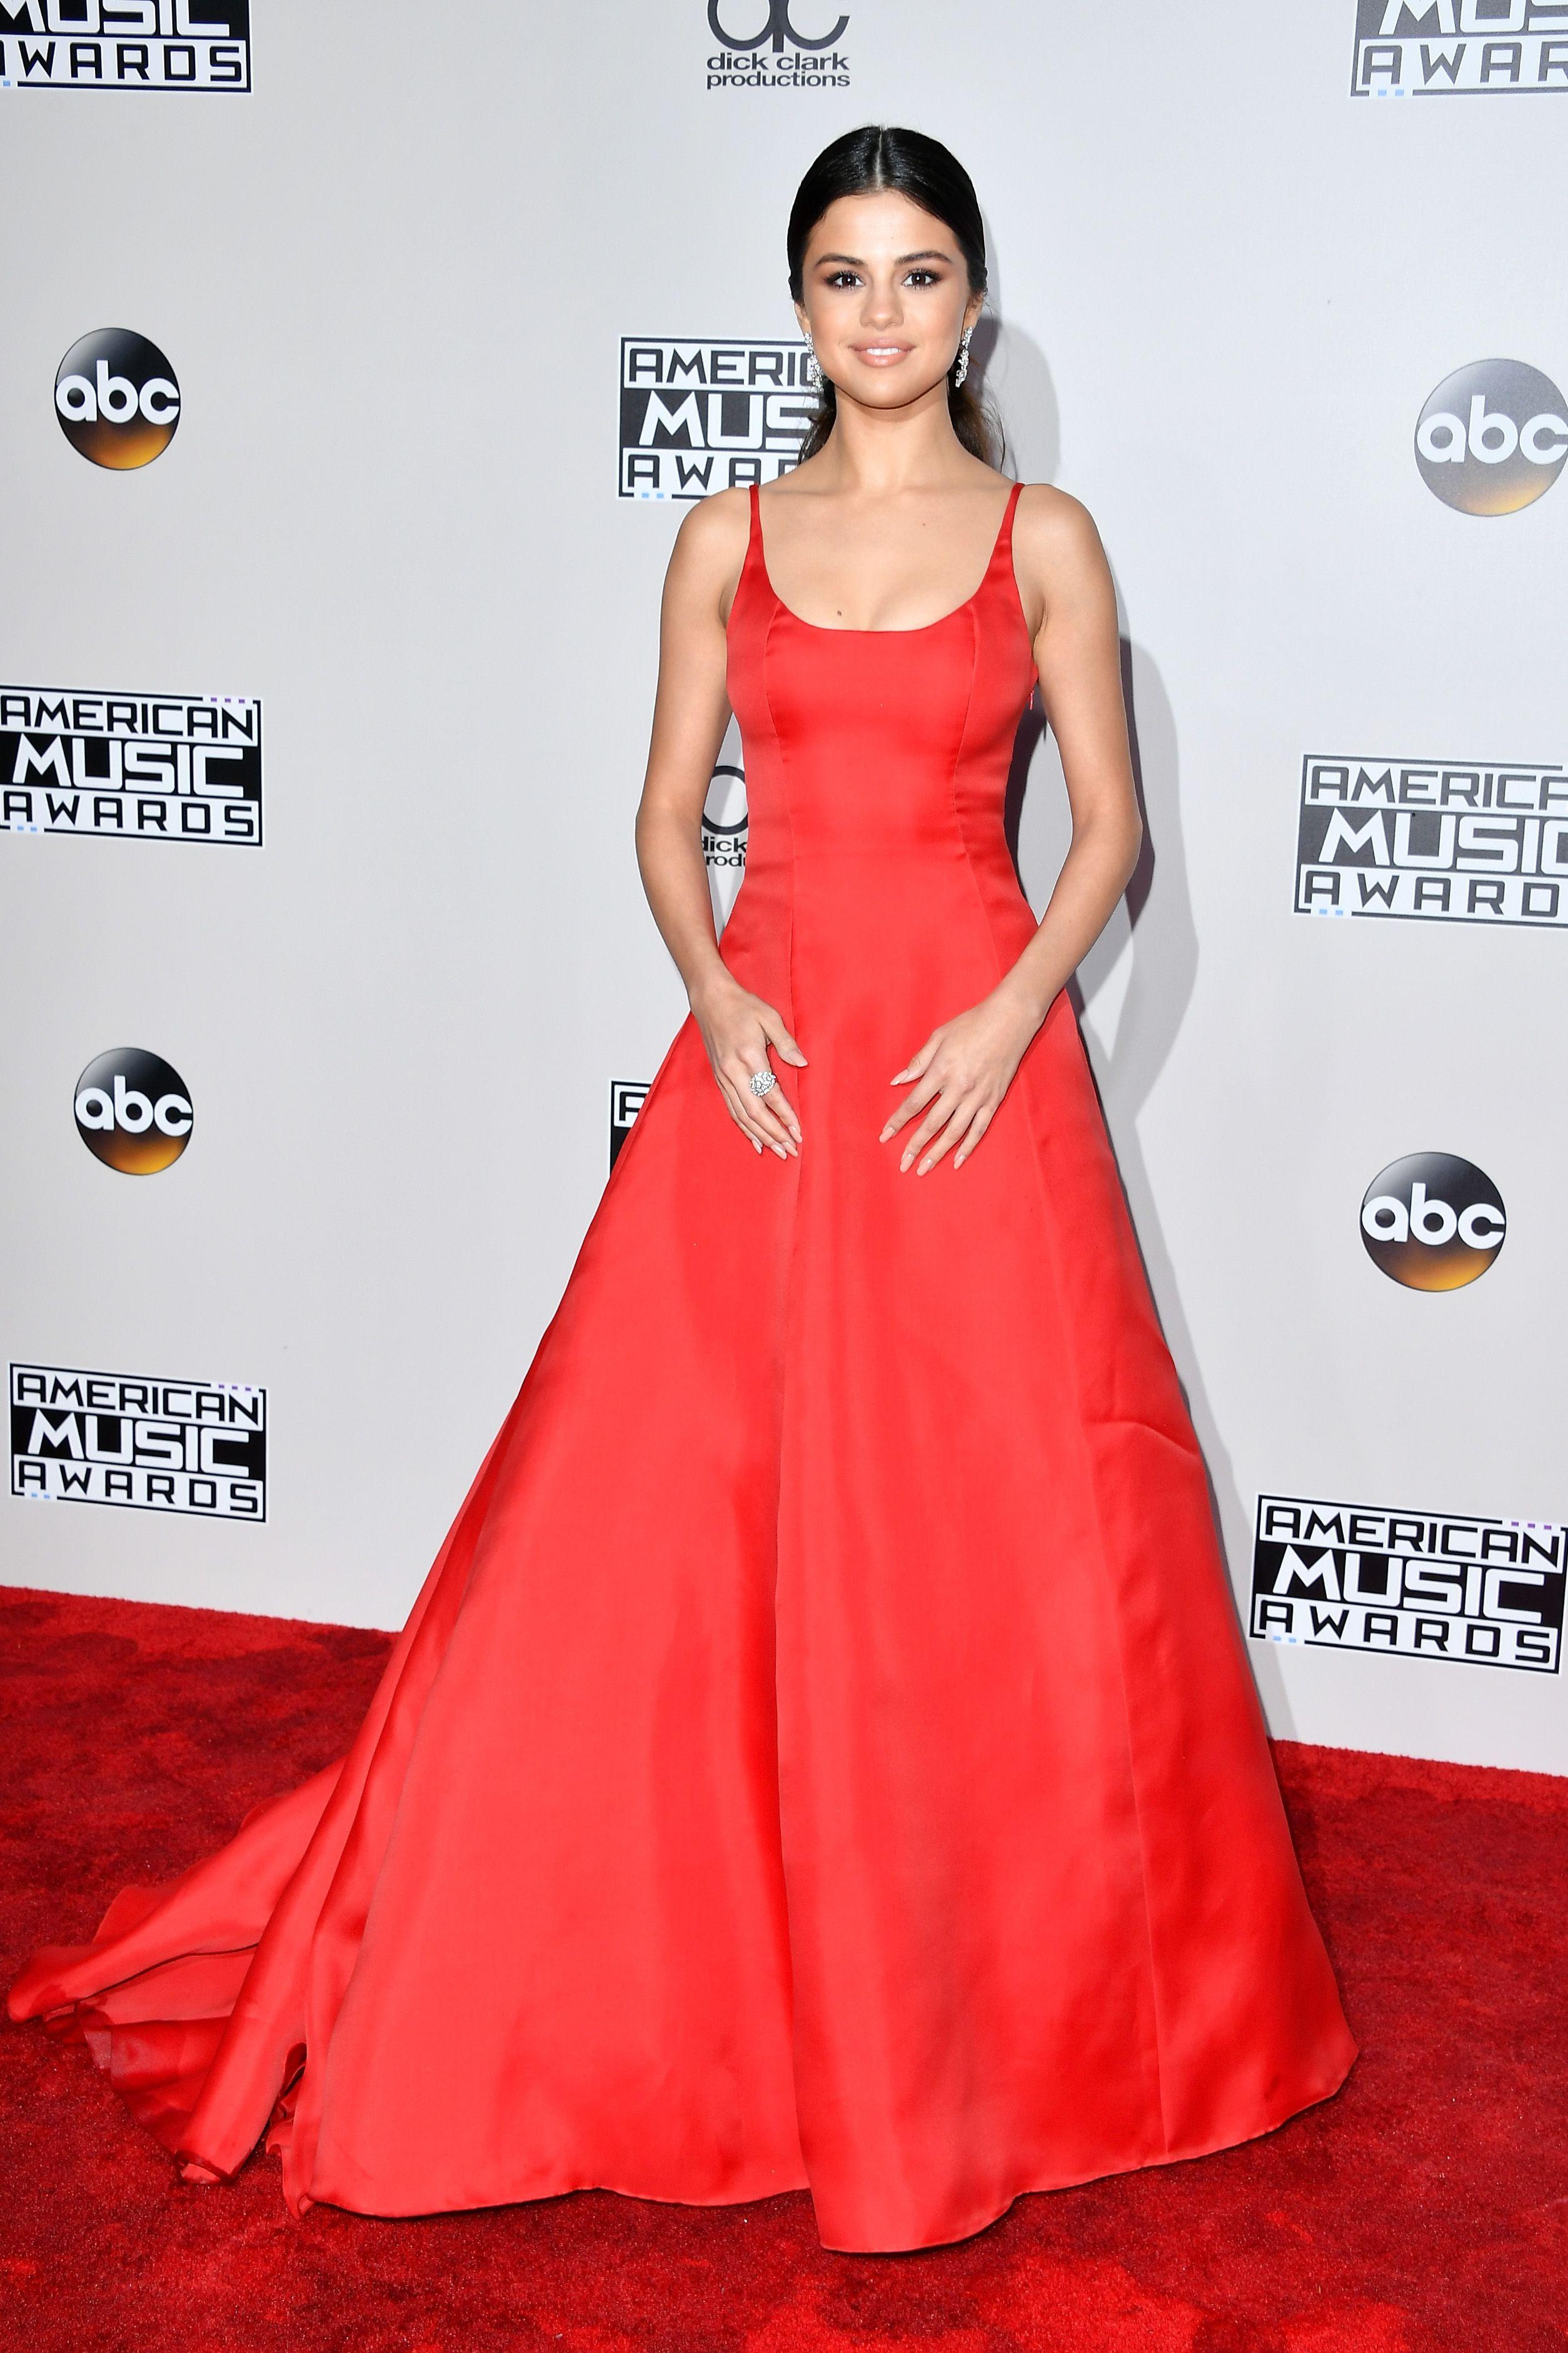 El Pasado 20 De Noviembre La Cantante Y Actriz Selena Gomez